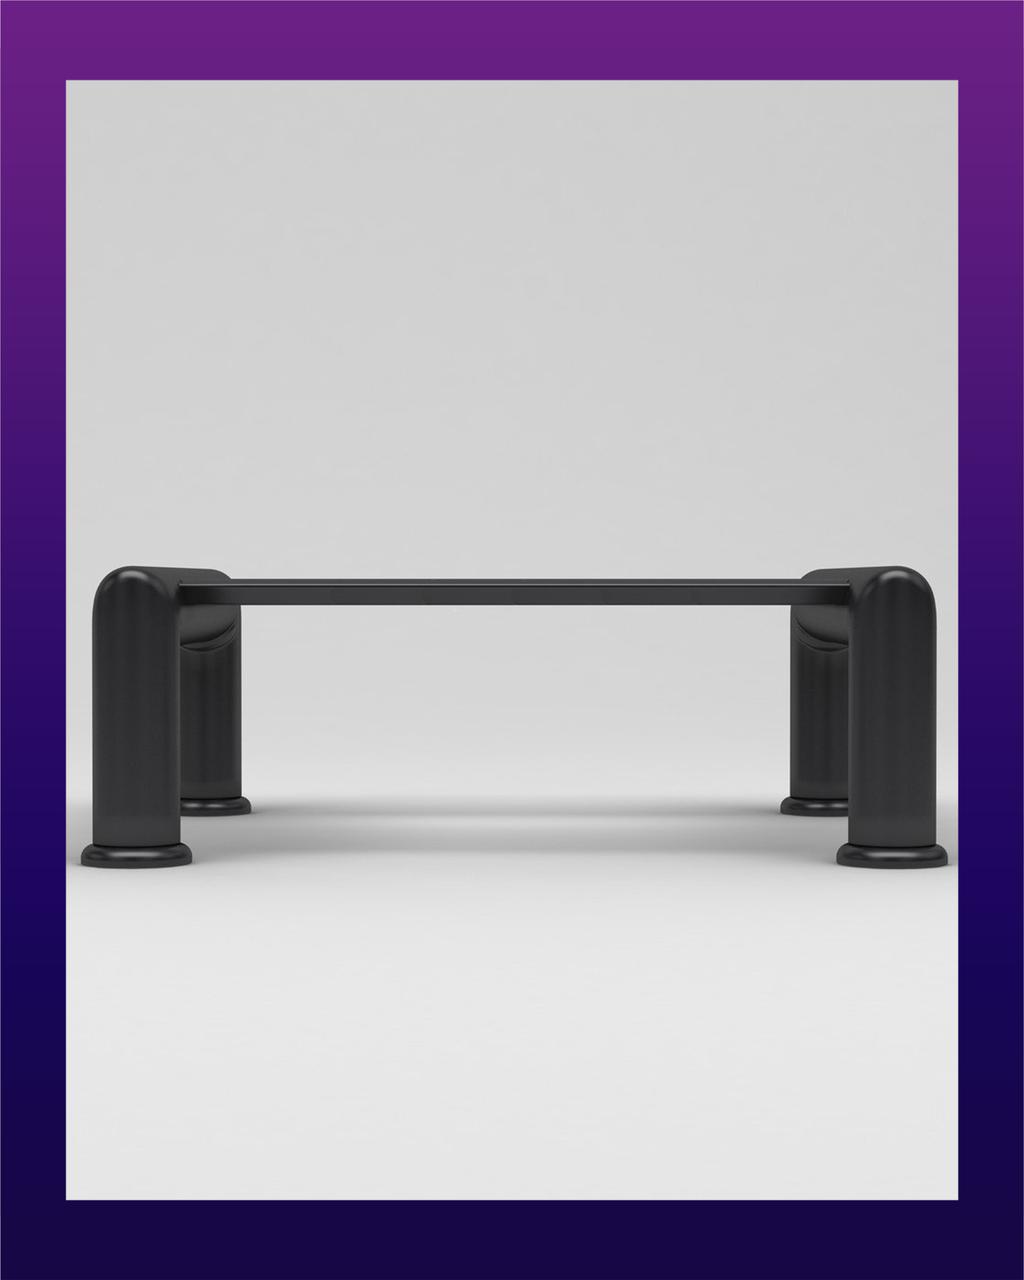 Подставка для булерьяна 'Стандарт' тип 02